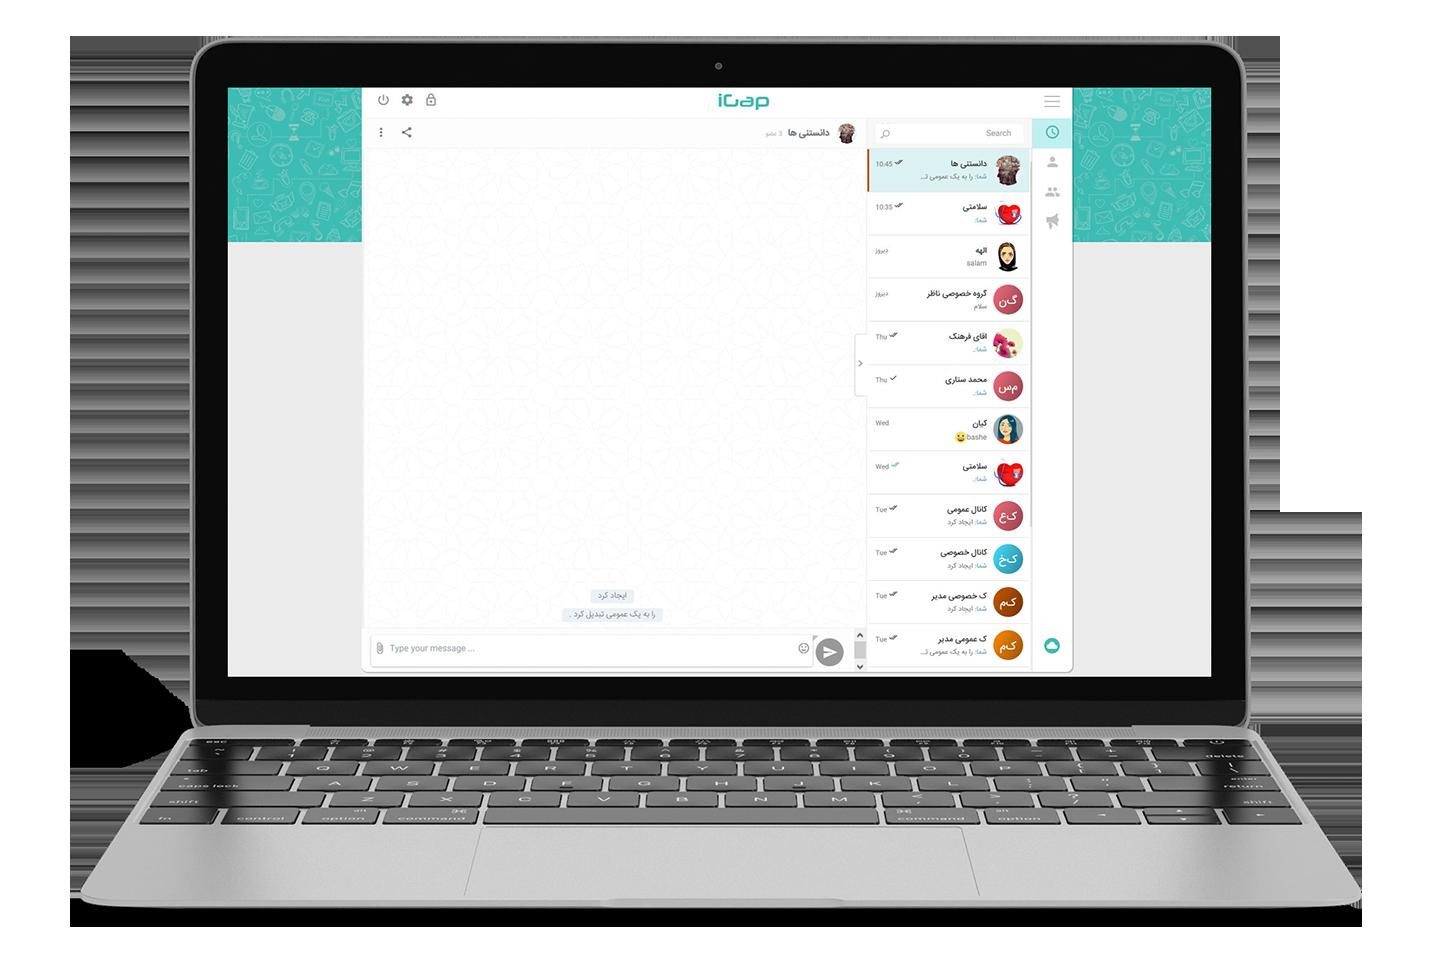 تبدیل کانال خصوصی به عمومی در نسخه وب